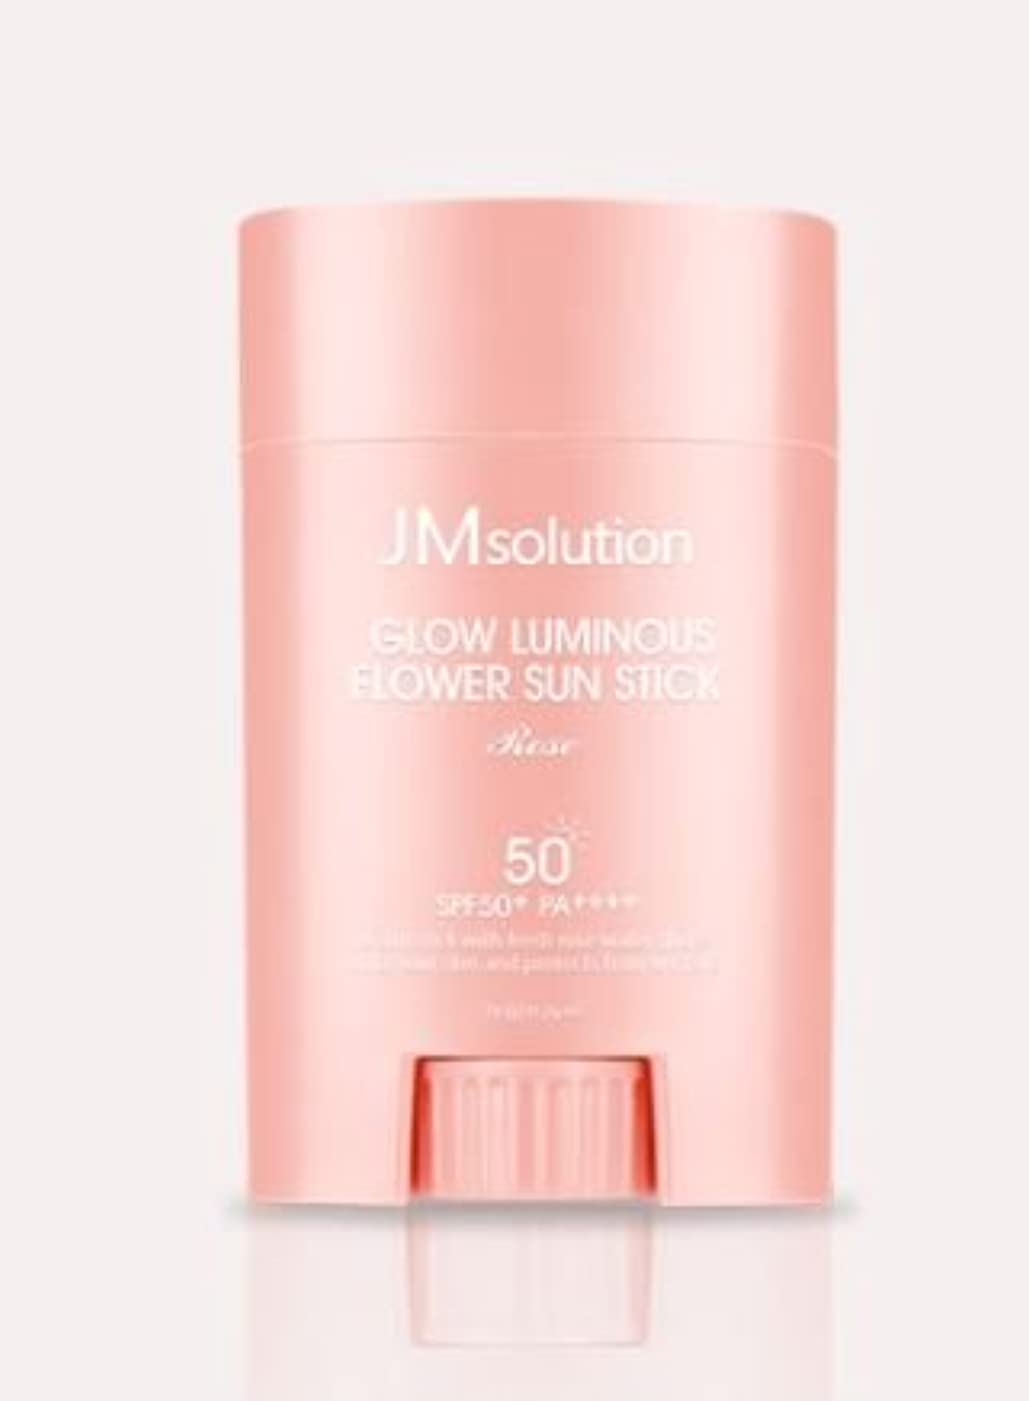 取り除くはぁ遺棄された[JMsolution] Glow Luminous Flower Sun Stick Rose 21g SPF50+ PA++++ [並行輸入品]